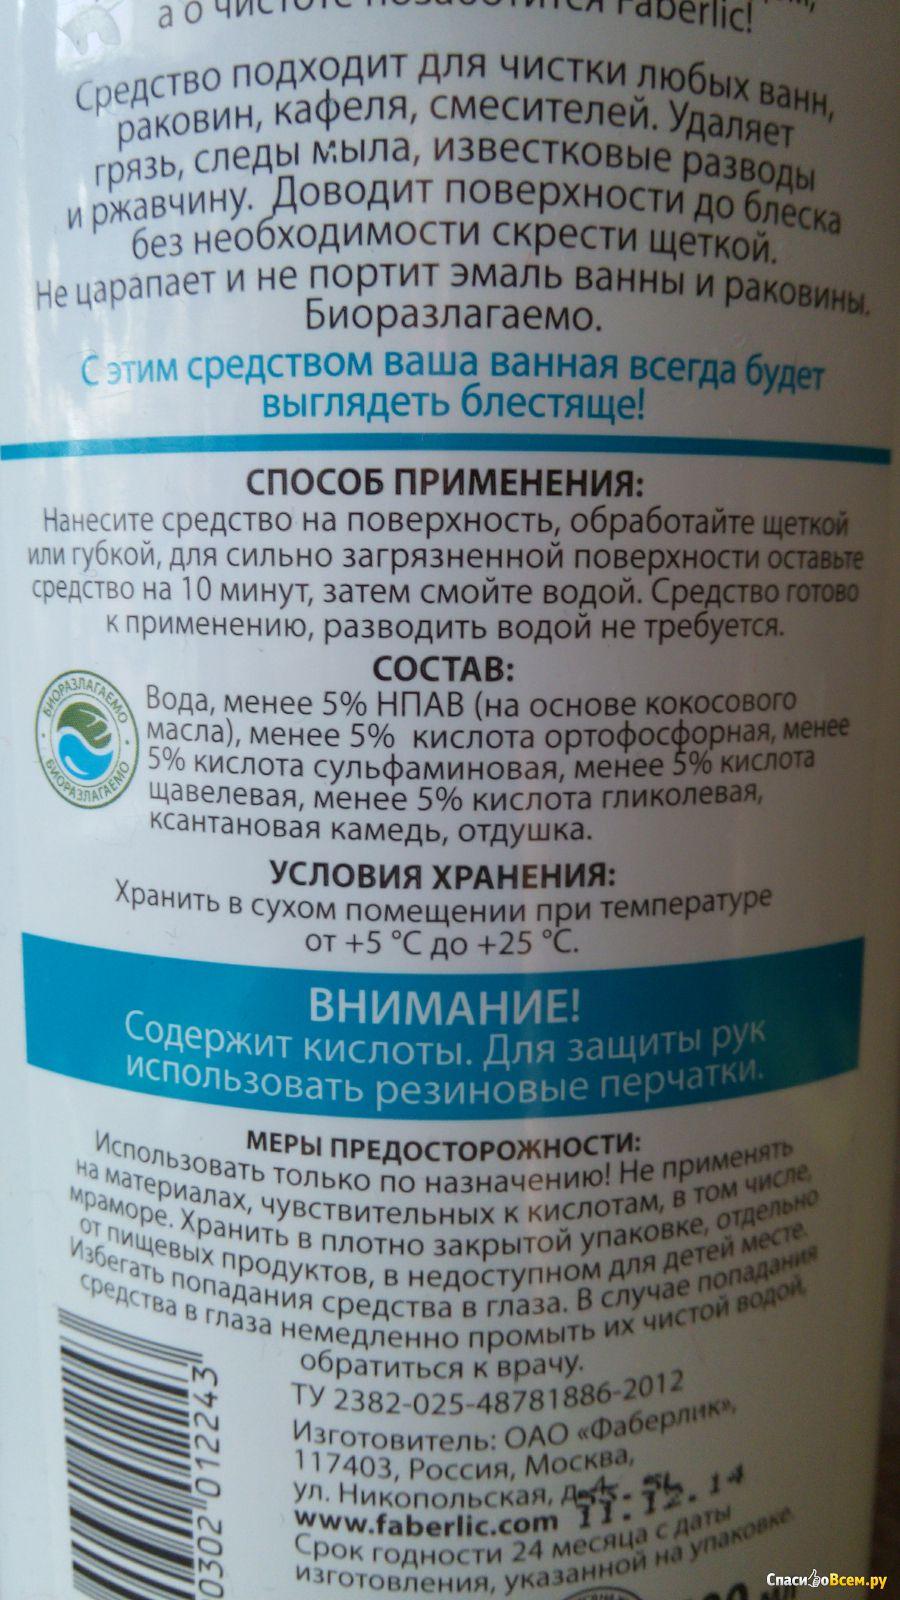 Состав чистящего средства с фосфорной кислотой фото